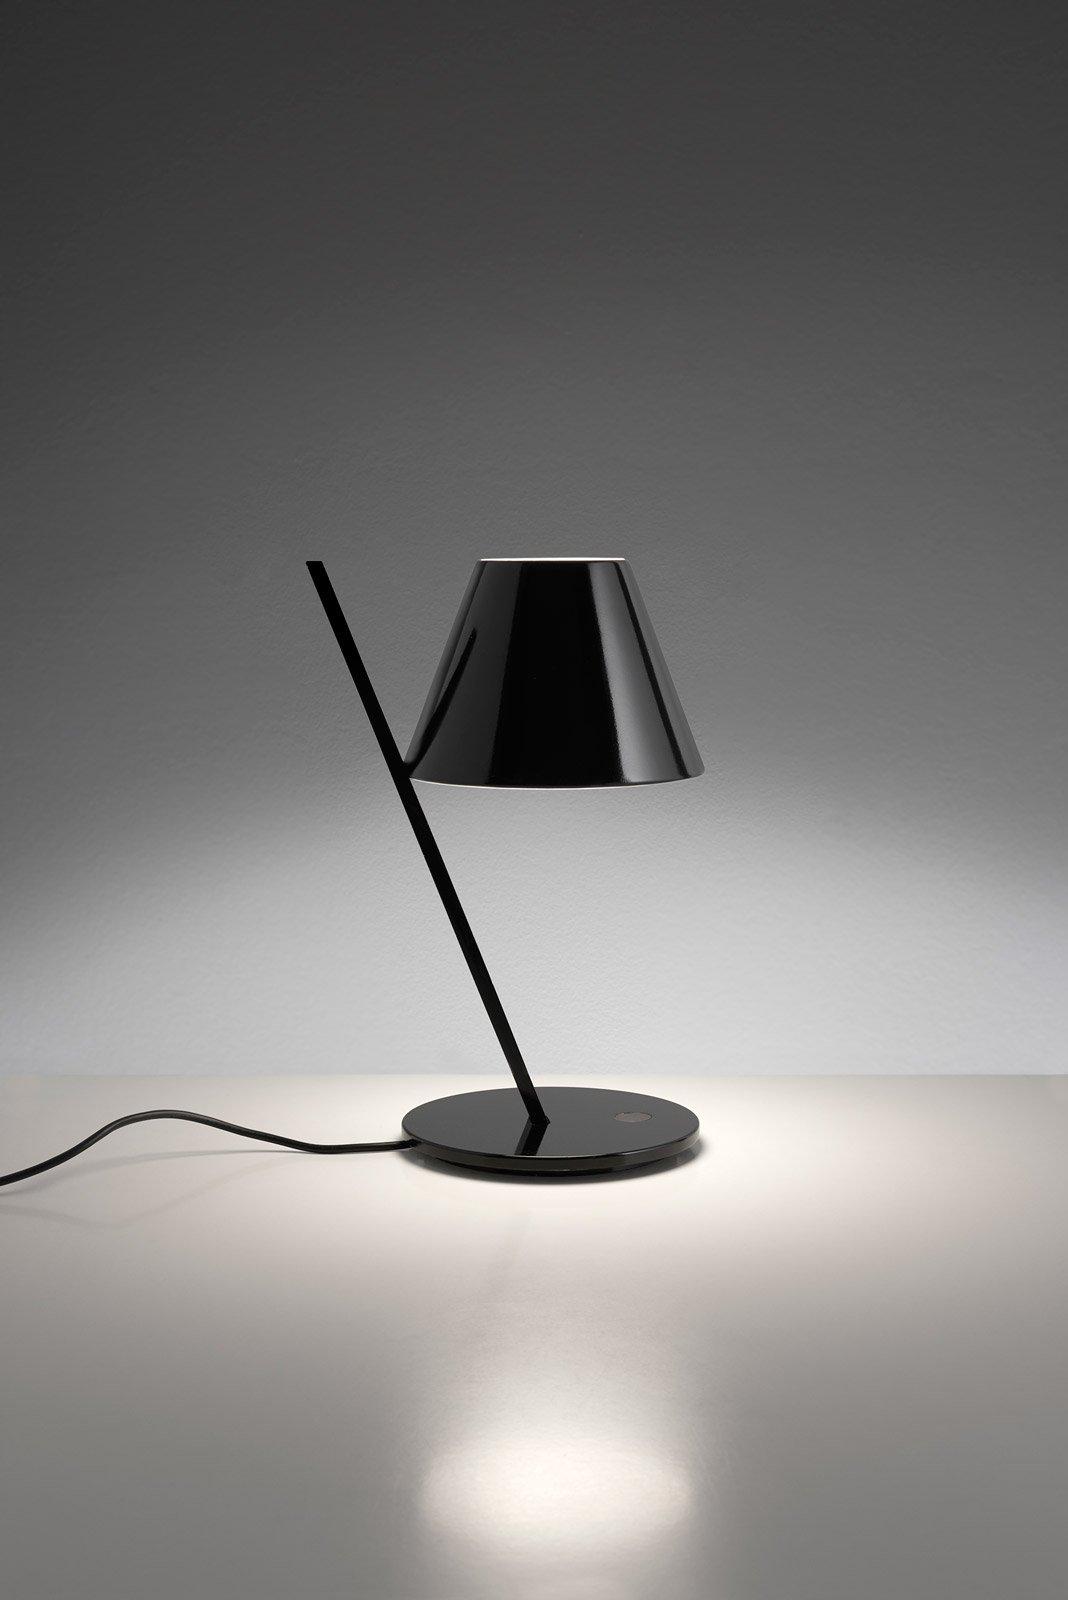 Petite di Artemide è una lampada da tavolo realizzata in alluminio e plastica nera. Il design essenziale e rigoroso, un magico equilibrio tra pieni e vuoti, la rende facile da ambientare. Misura ø 16 x H 33 cm. www.artemide.com